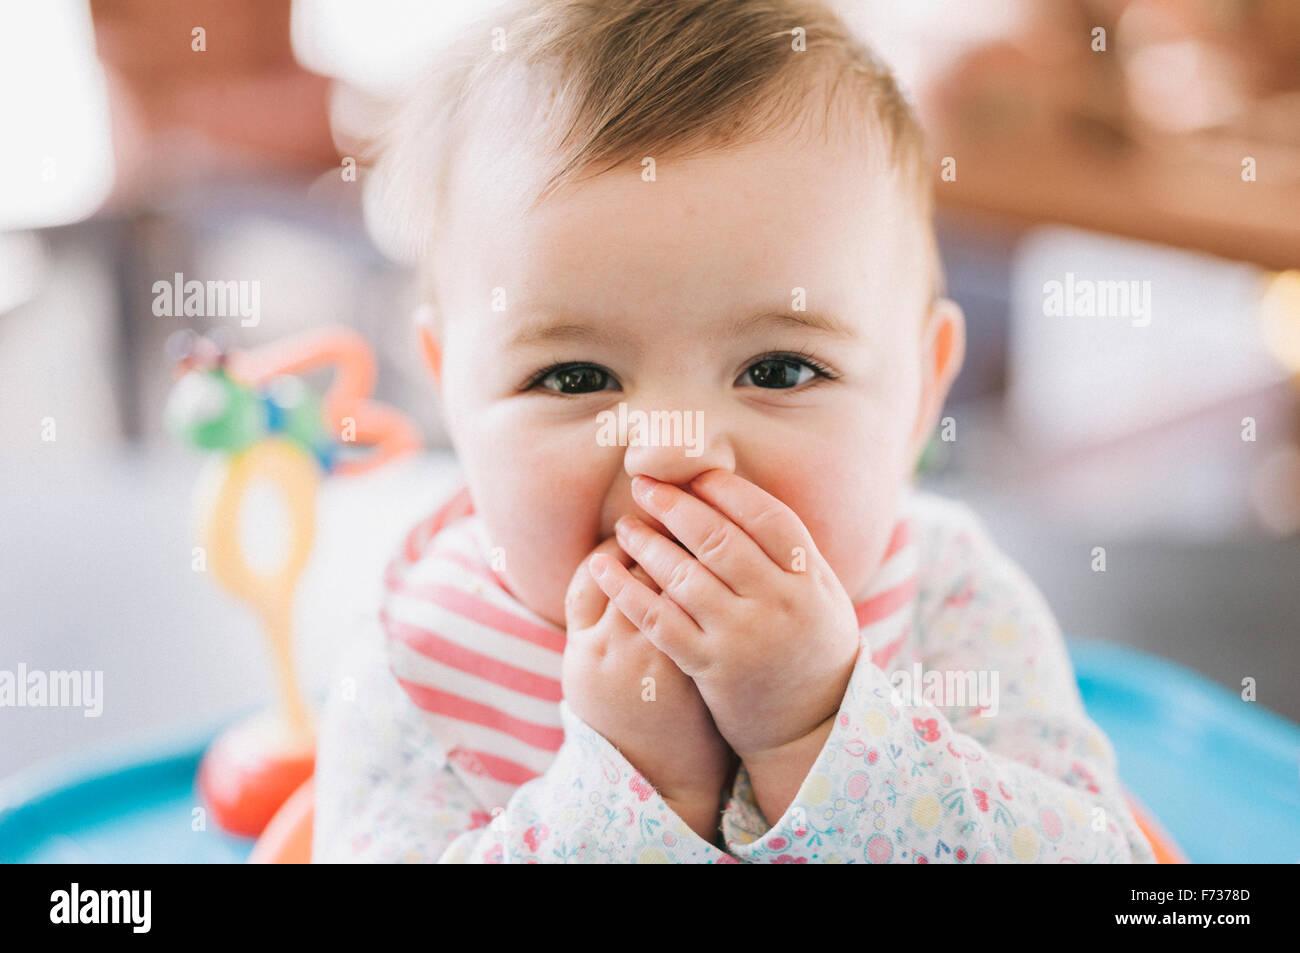 Una niña con sus manos cubriendo su boca, mirando a la cámara. Imagen De Stock